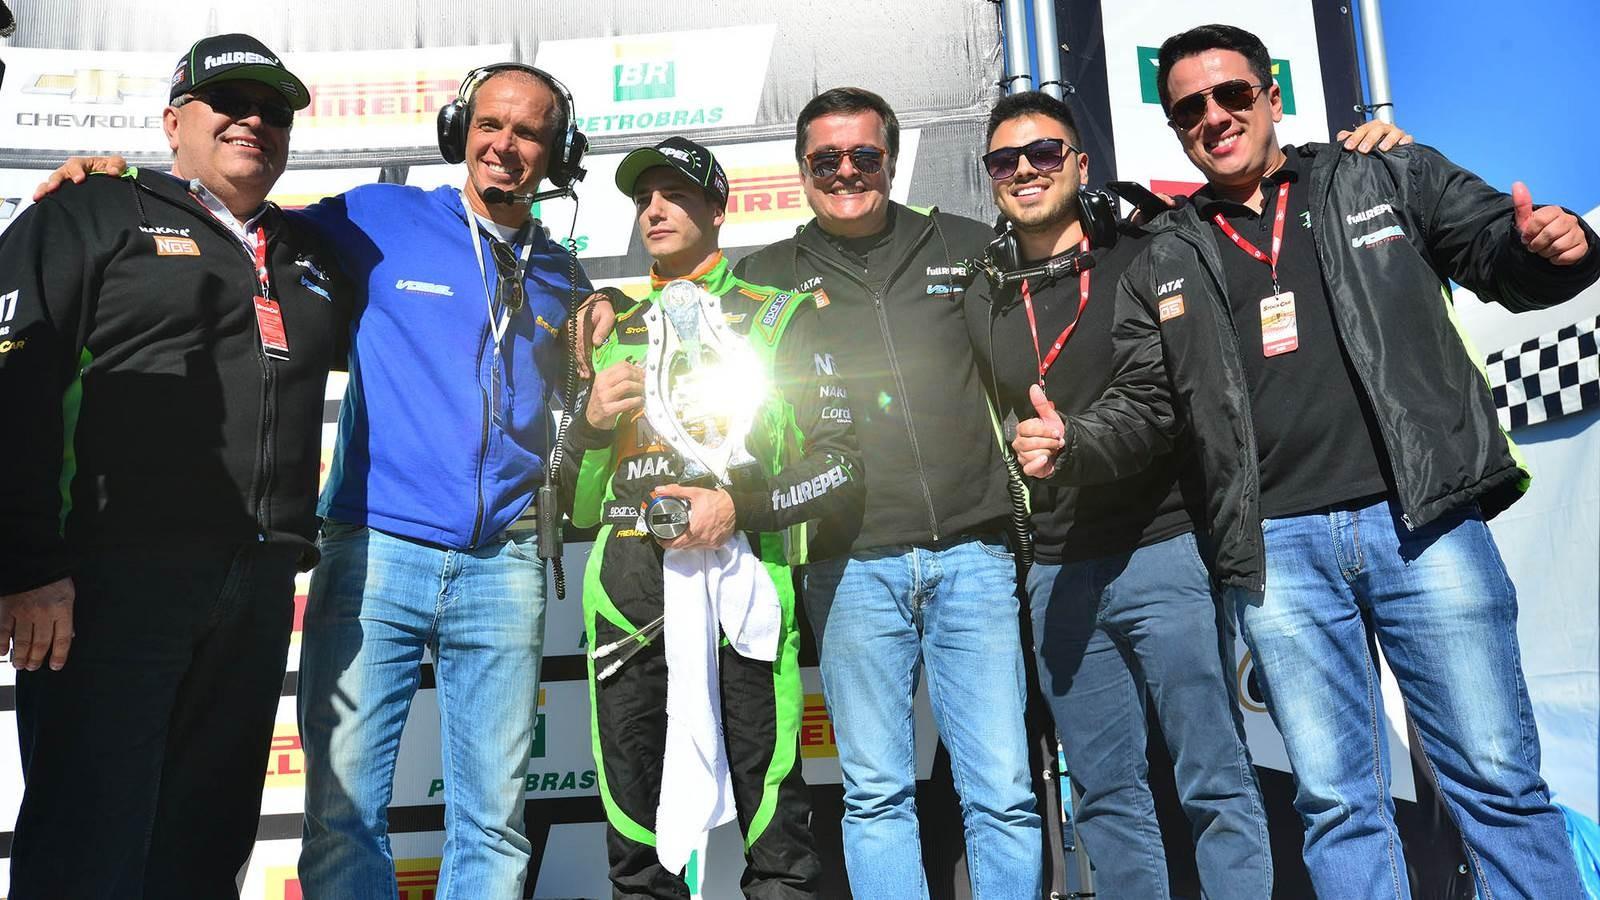 Guilherme Salas da equipe Vogel Motorsport P2 na corrida 2 (Foto: Divulgação/Vicar)